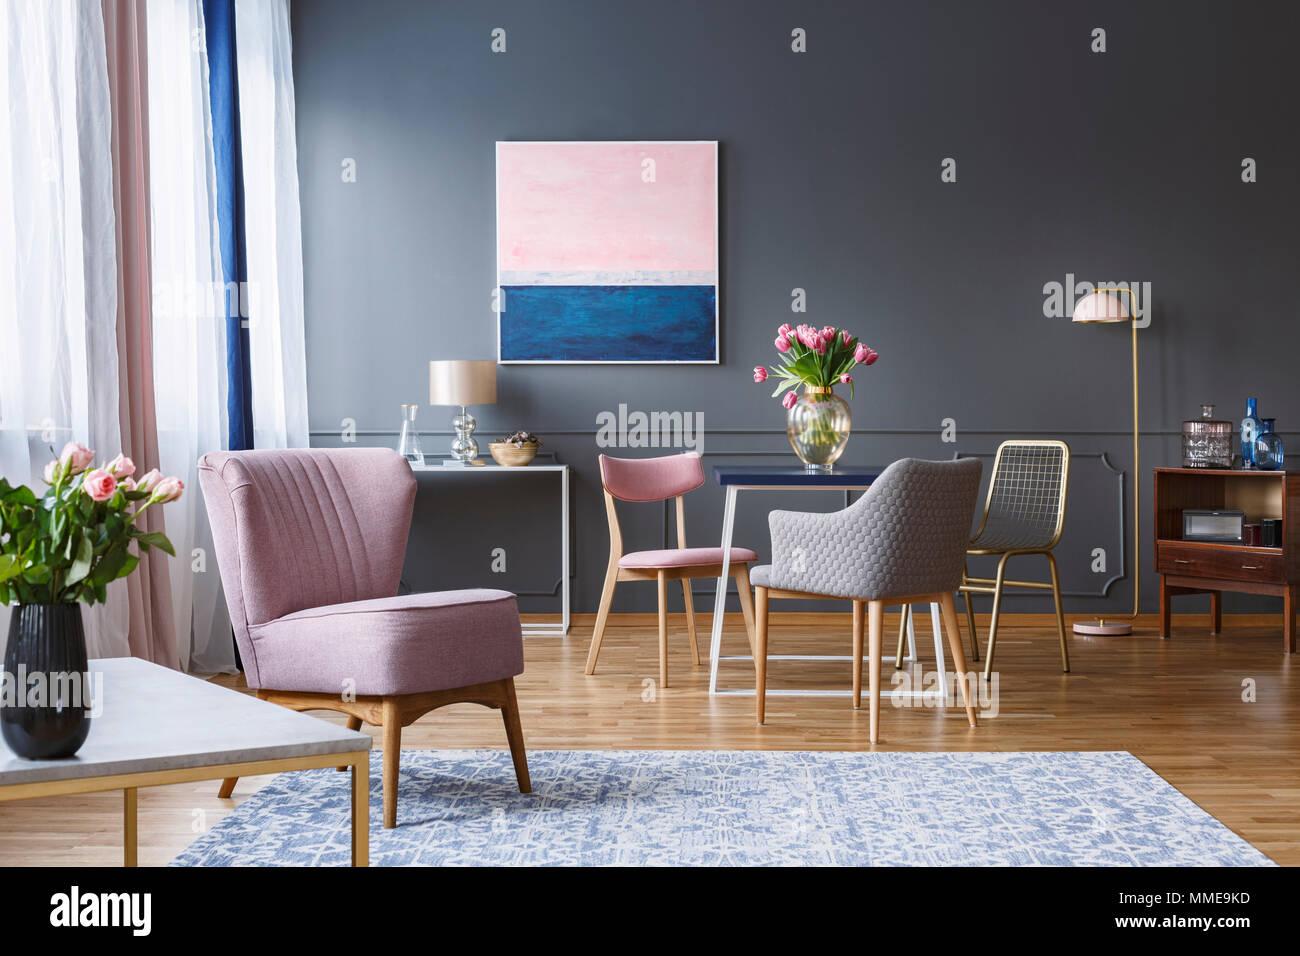 Rosa Sessel In Geraumigen Grau Esszimmer Interieur Mit Blumen Auf